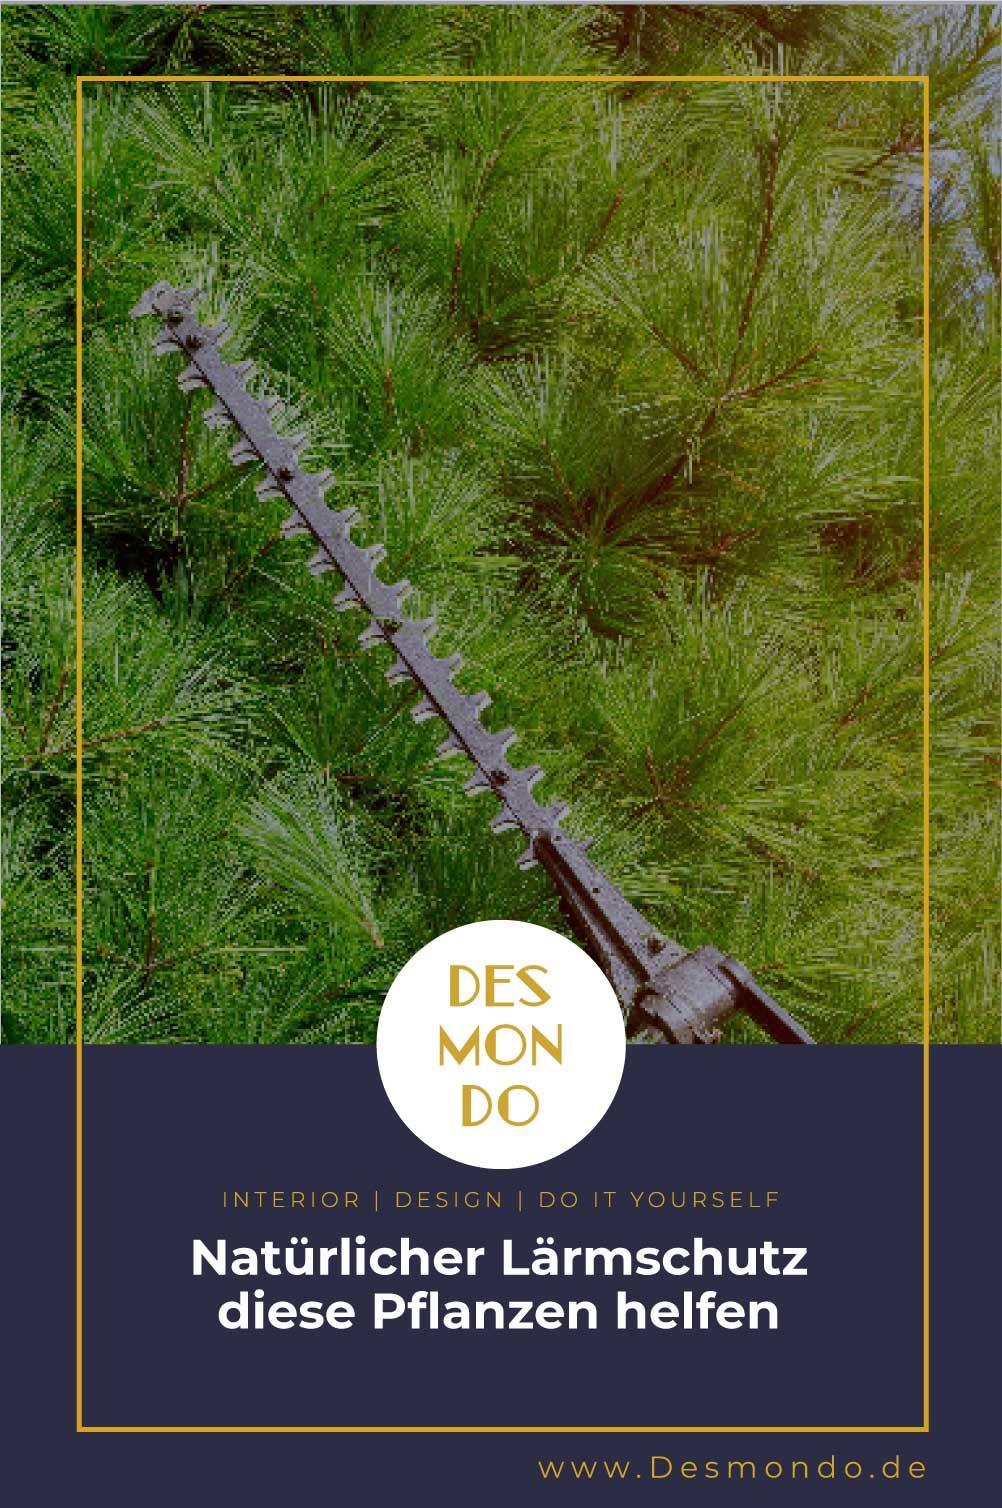 Outdoor - Inspirationen für Balkon und Garten - Natürlicher Lärmschutz – diese Pflanzen helfen- So geht's einfach desmondo dein online Magazin und Shop